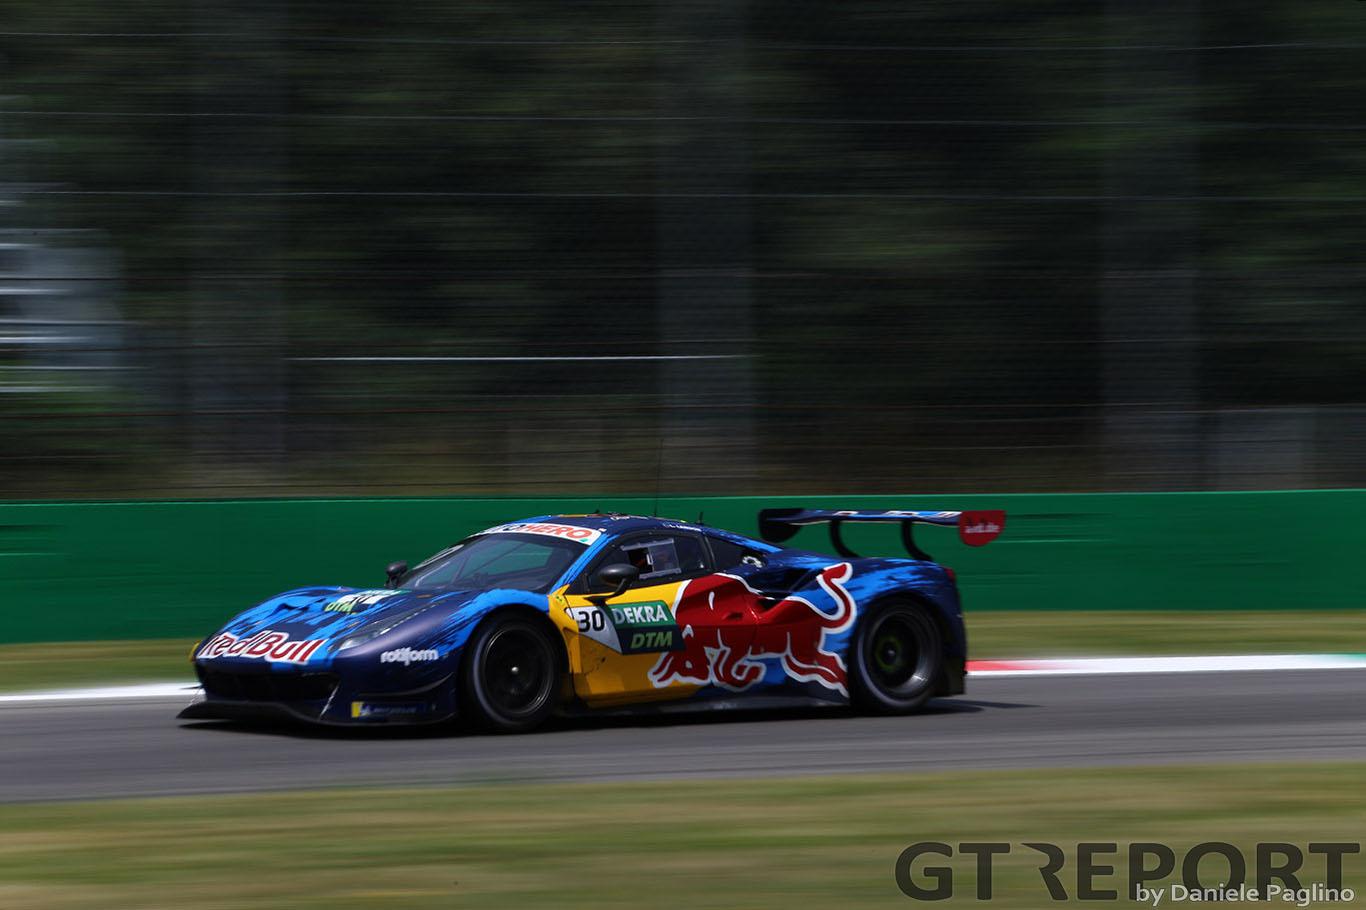 DTM Monza Ferrari Win